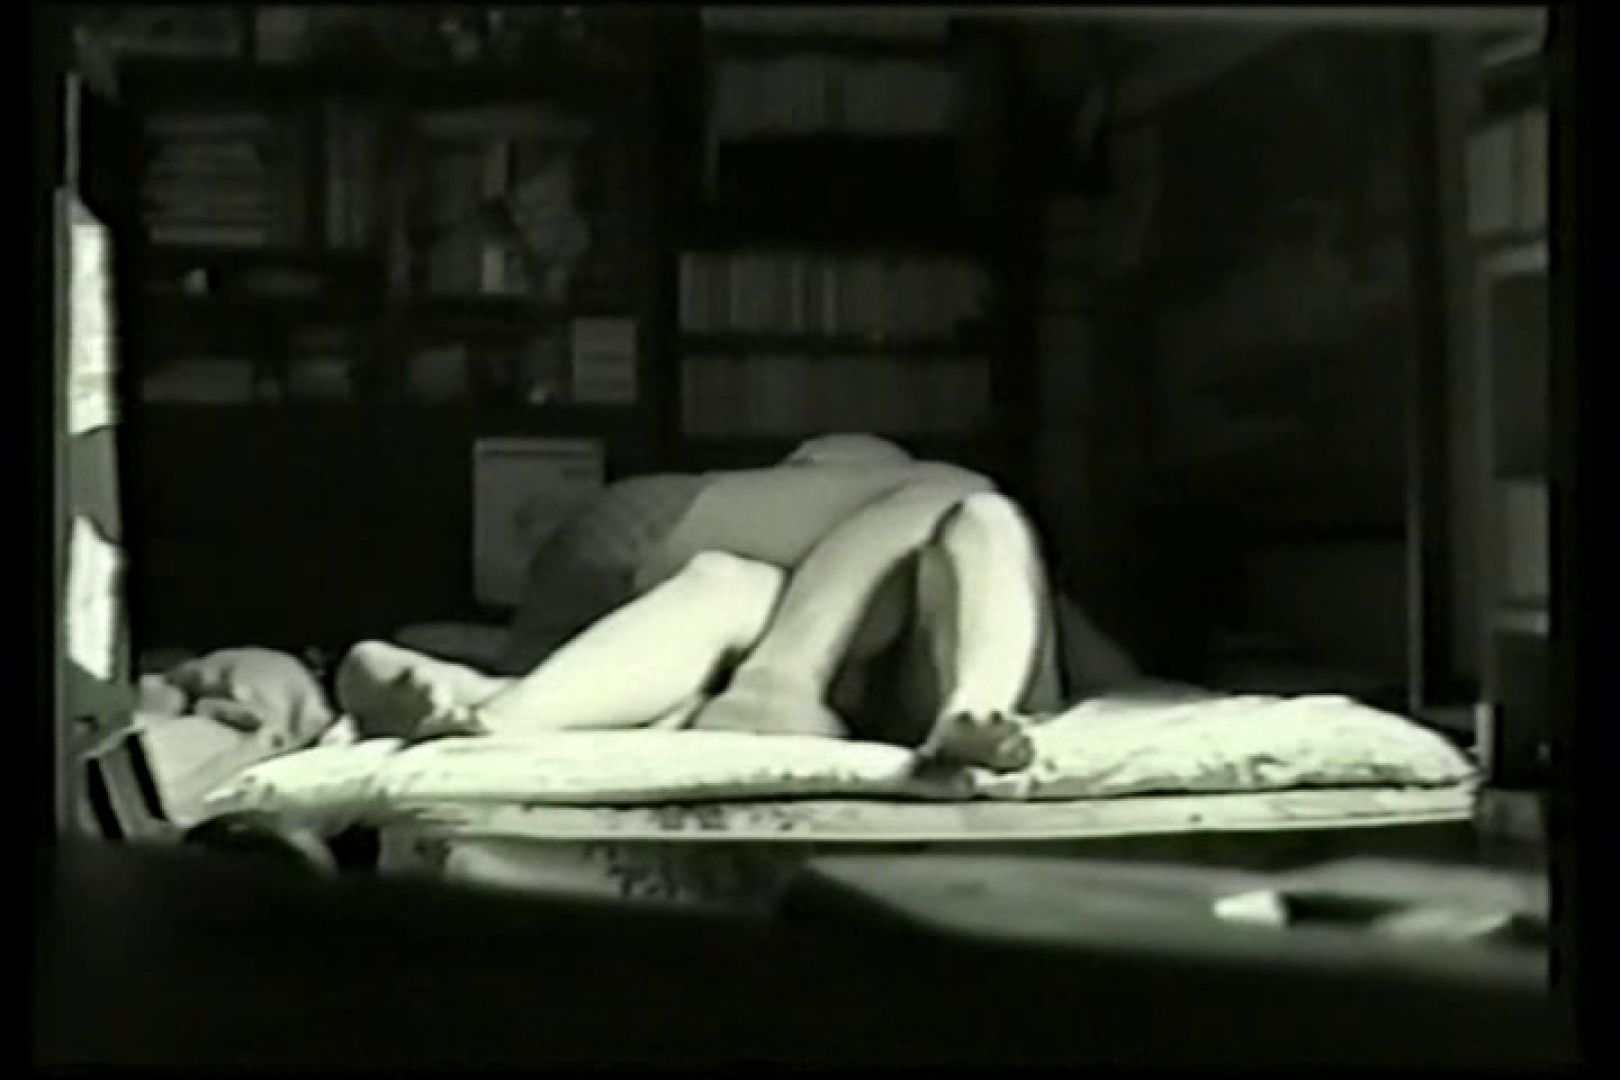 素人嬢をホテルに連れ込みアンナ事・コンナ事!?Vol.5 素人 隠し撮りすけべAV動画紹介 74pic 2